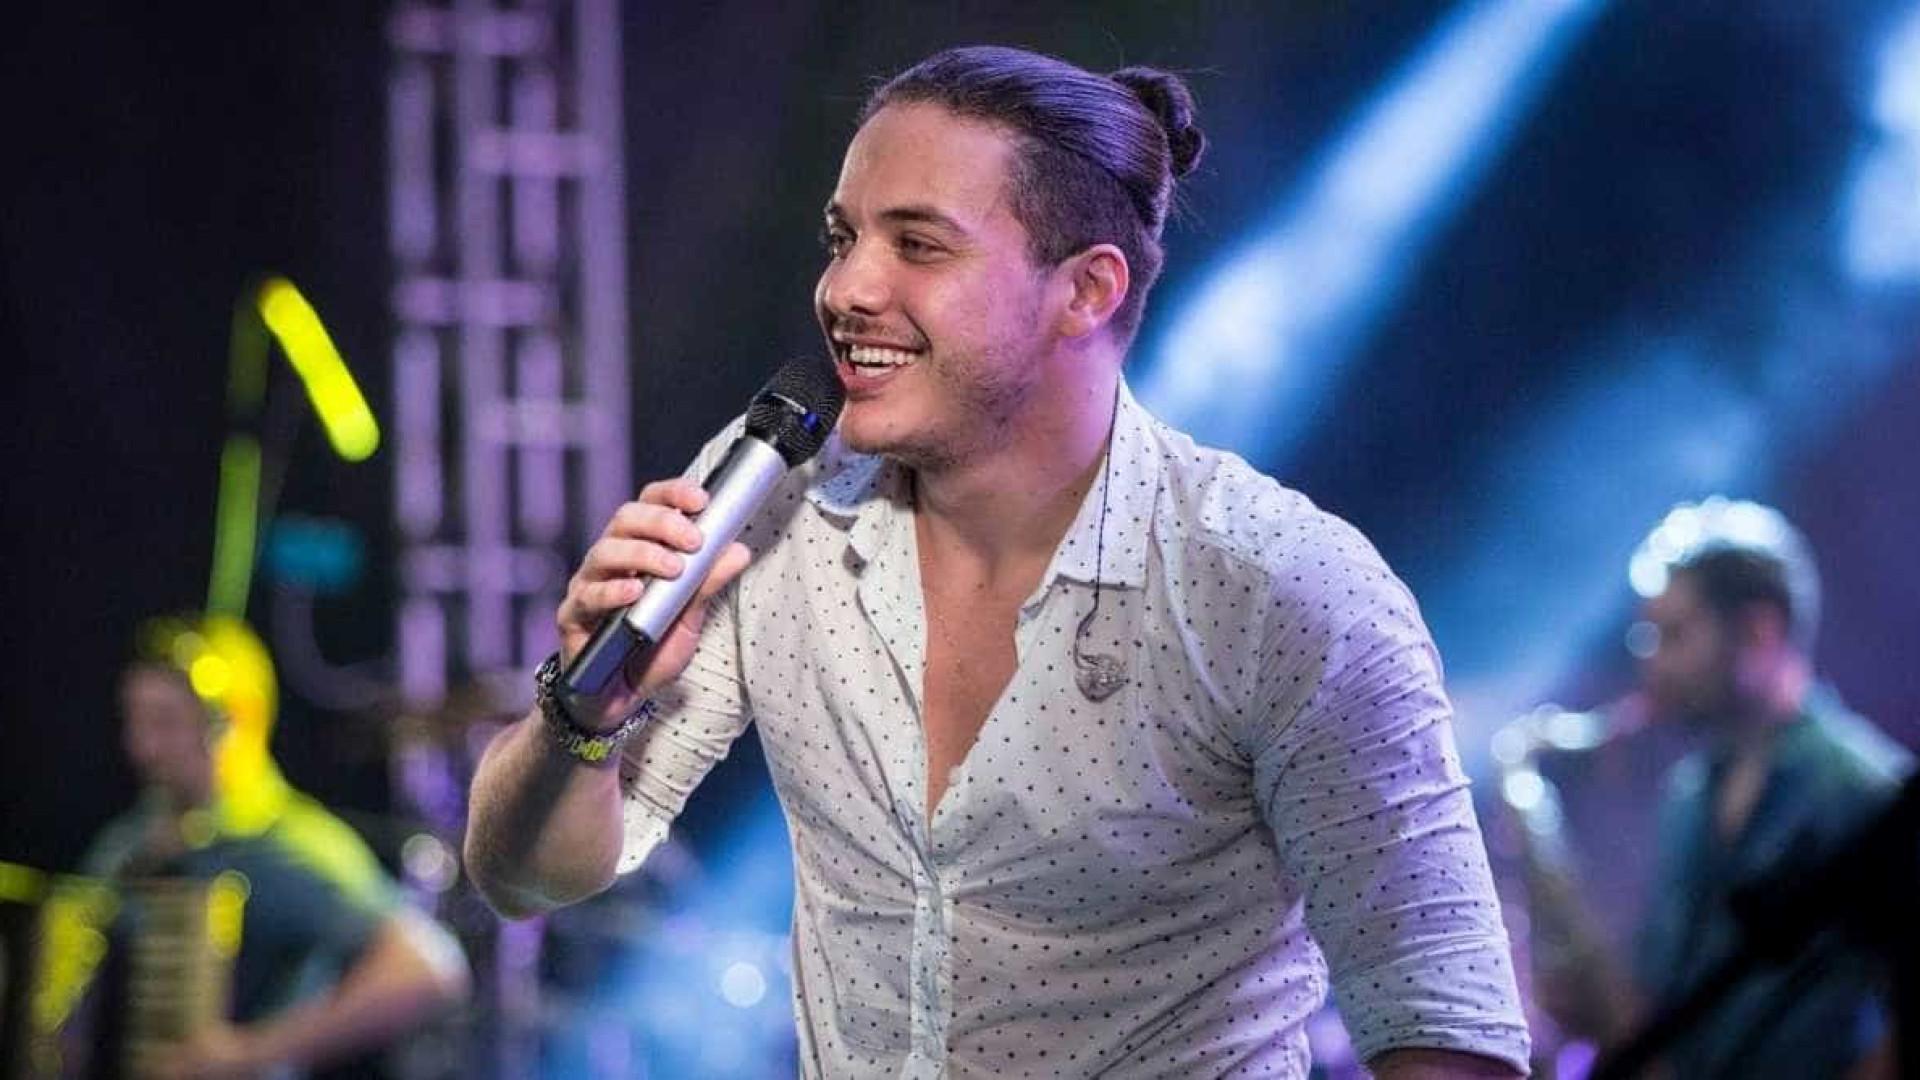 Safadão dedica música à separação de Fátima Bernardes e Bonner